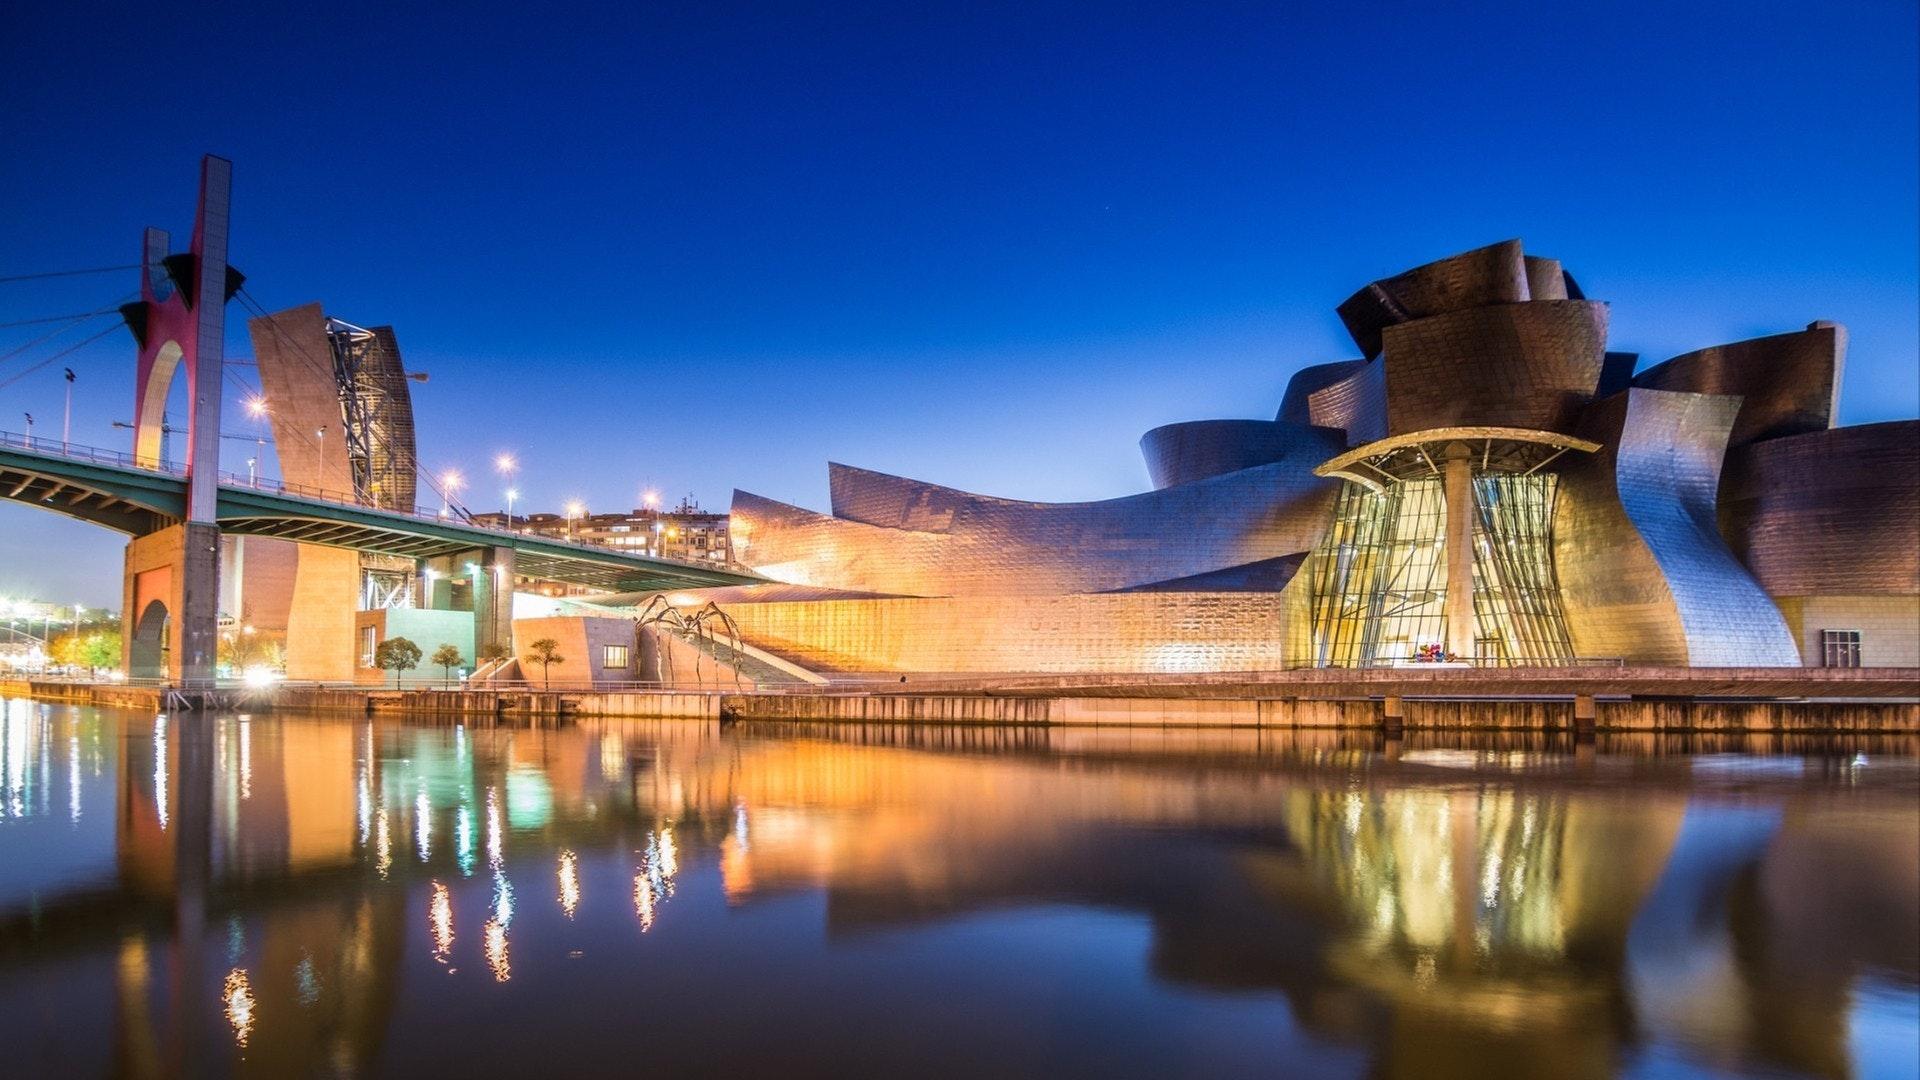 Vista nocturna del Museo Guggenheim de arte moderno y contemporáneo